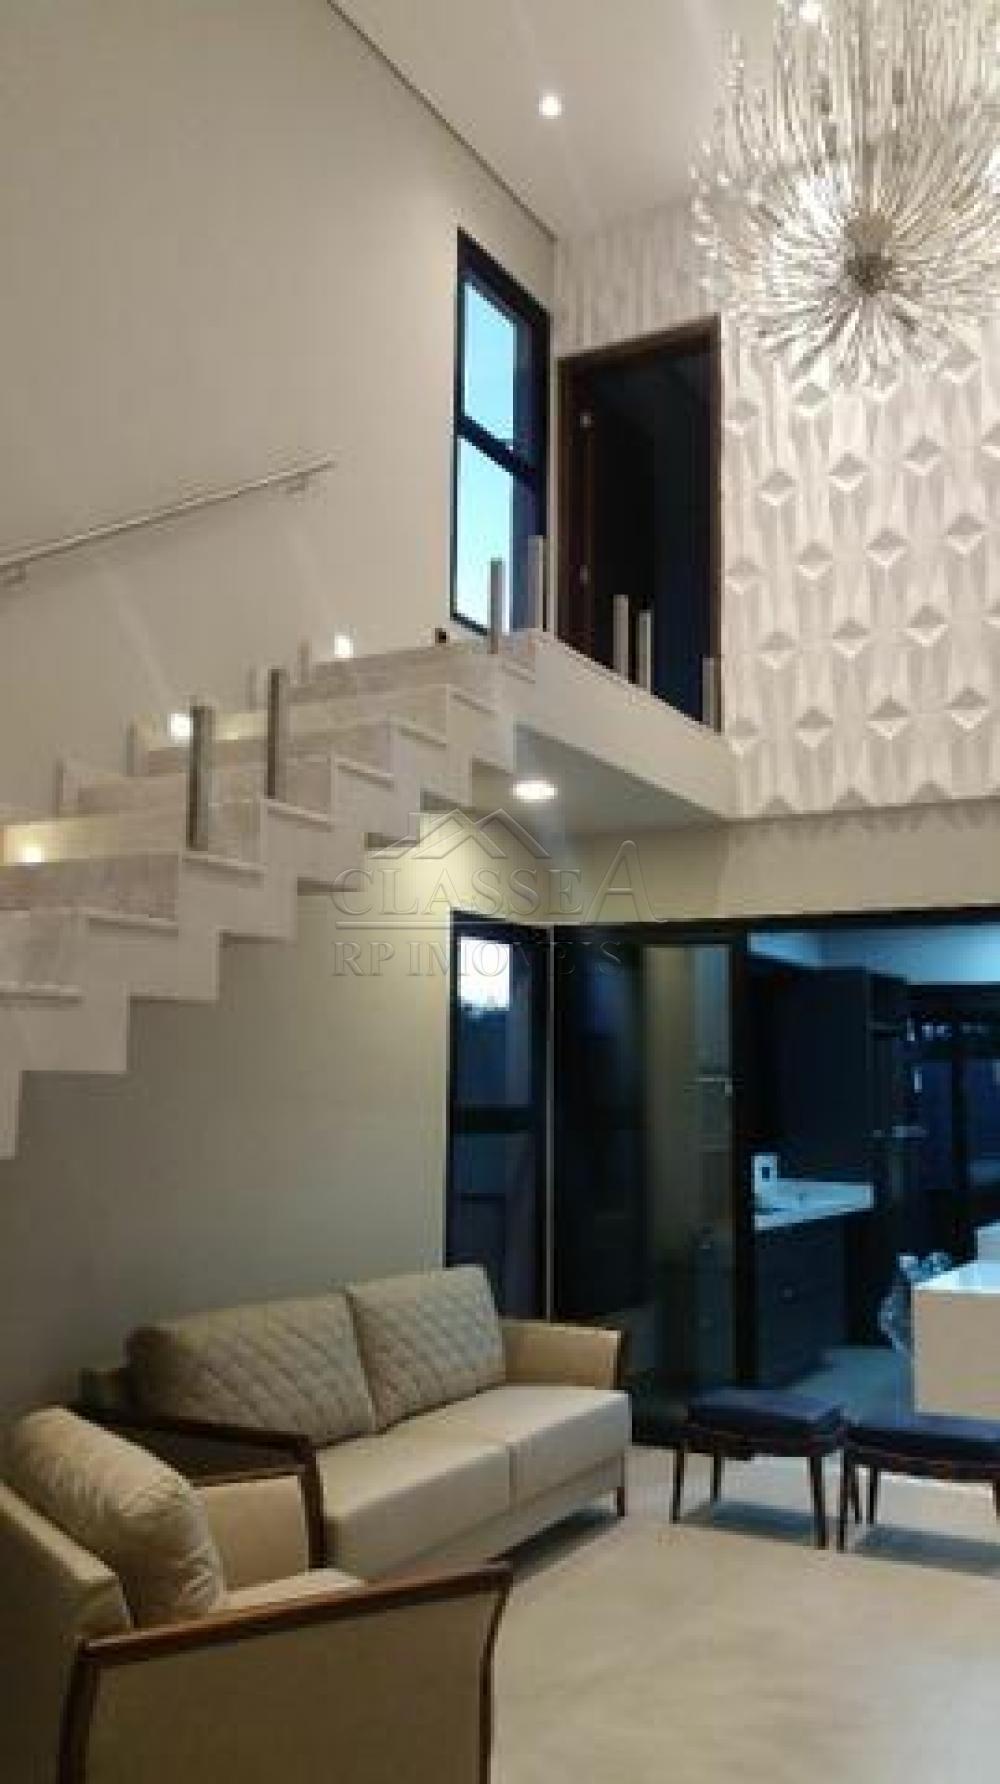 Comprar Casa / Condomínio - sobrado em Ribeirão Preto apenas R$ 1.300.000,00 - Foto 2